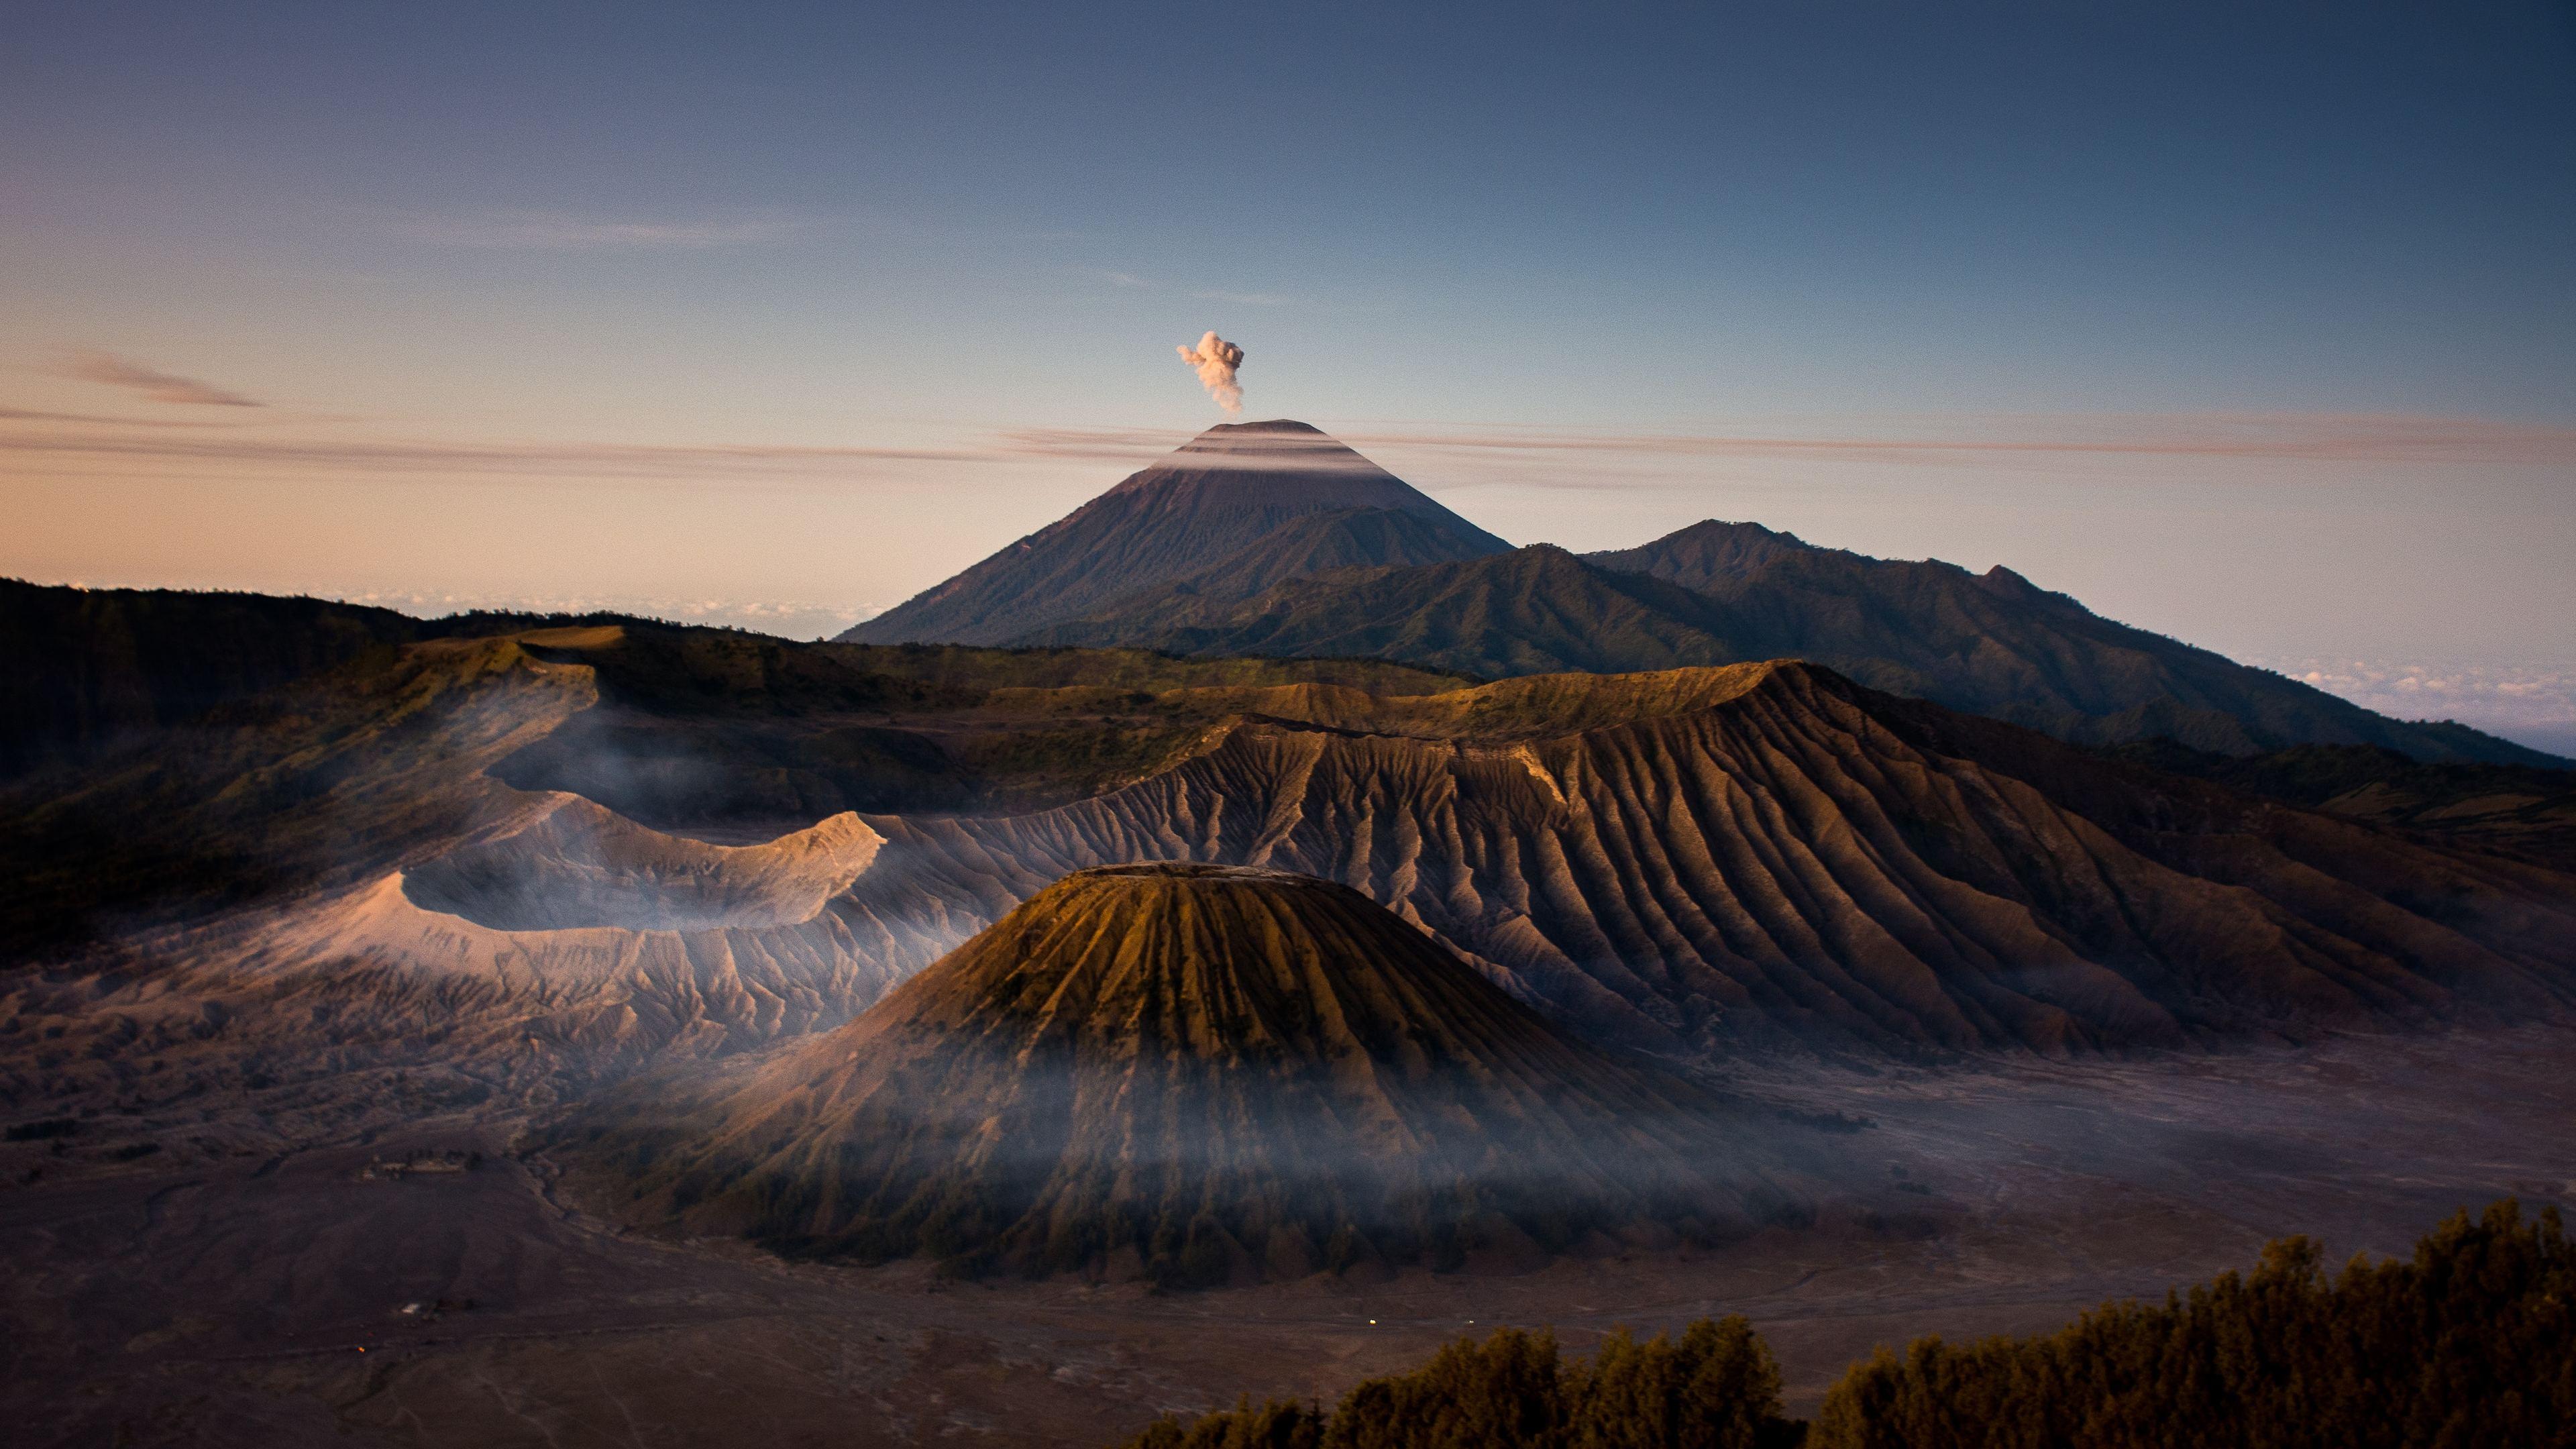 Mount Bromo Volcano 4k volcano wallpapers, nature ...